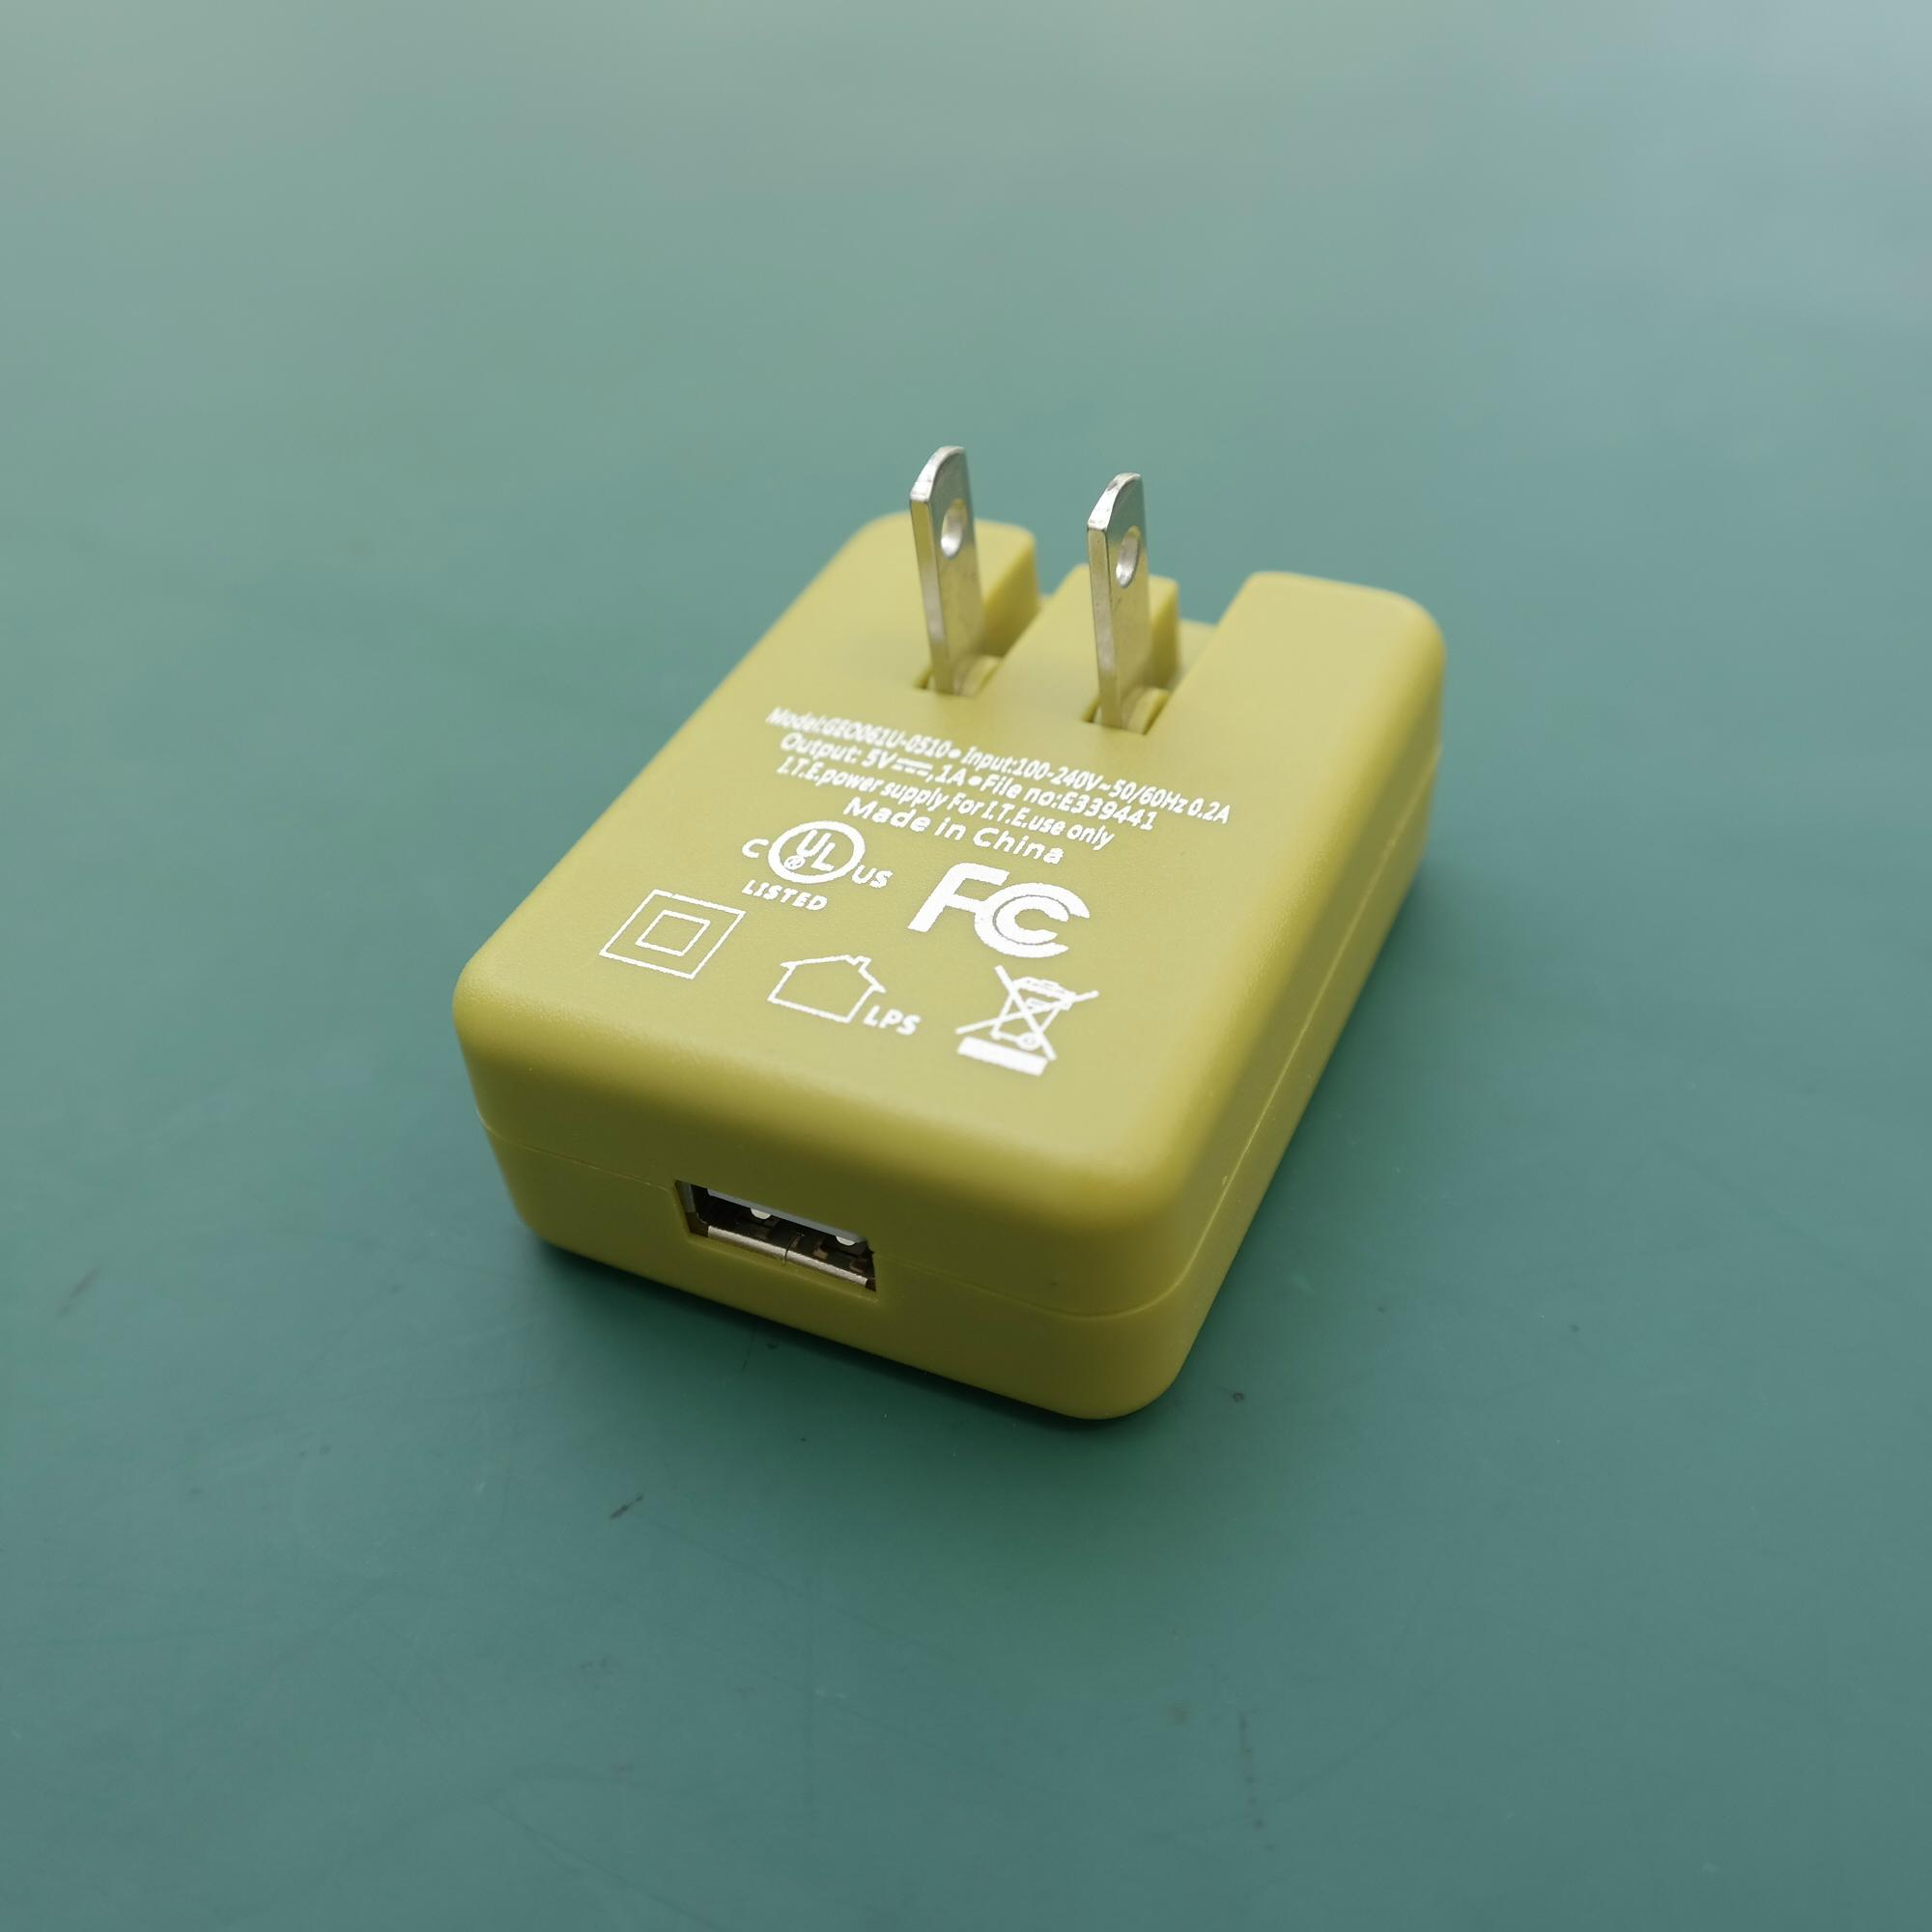 銷售美規USB 5V0.5A電池充電器&適配器 11